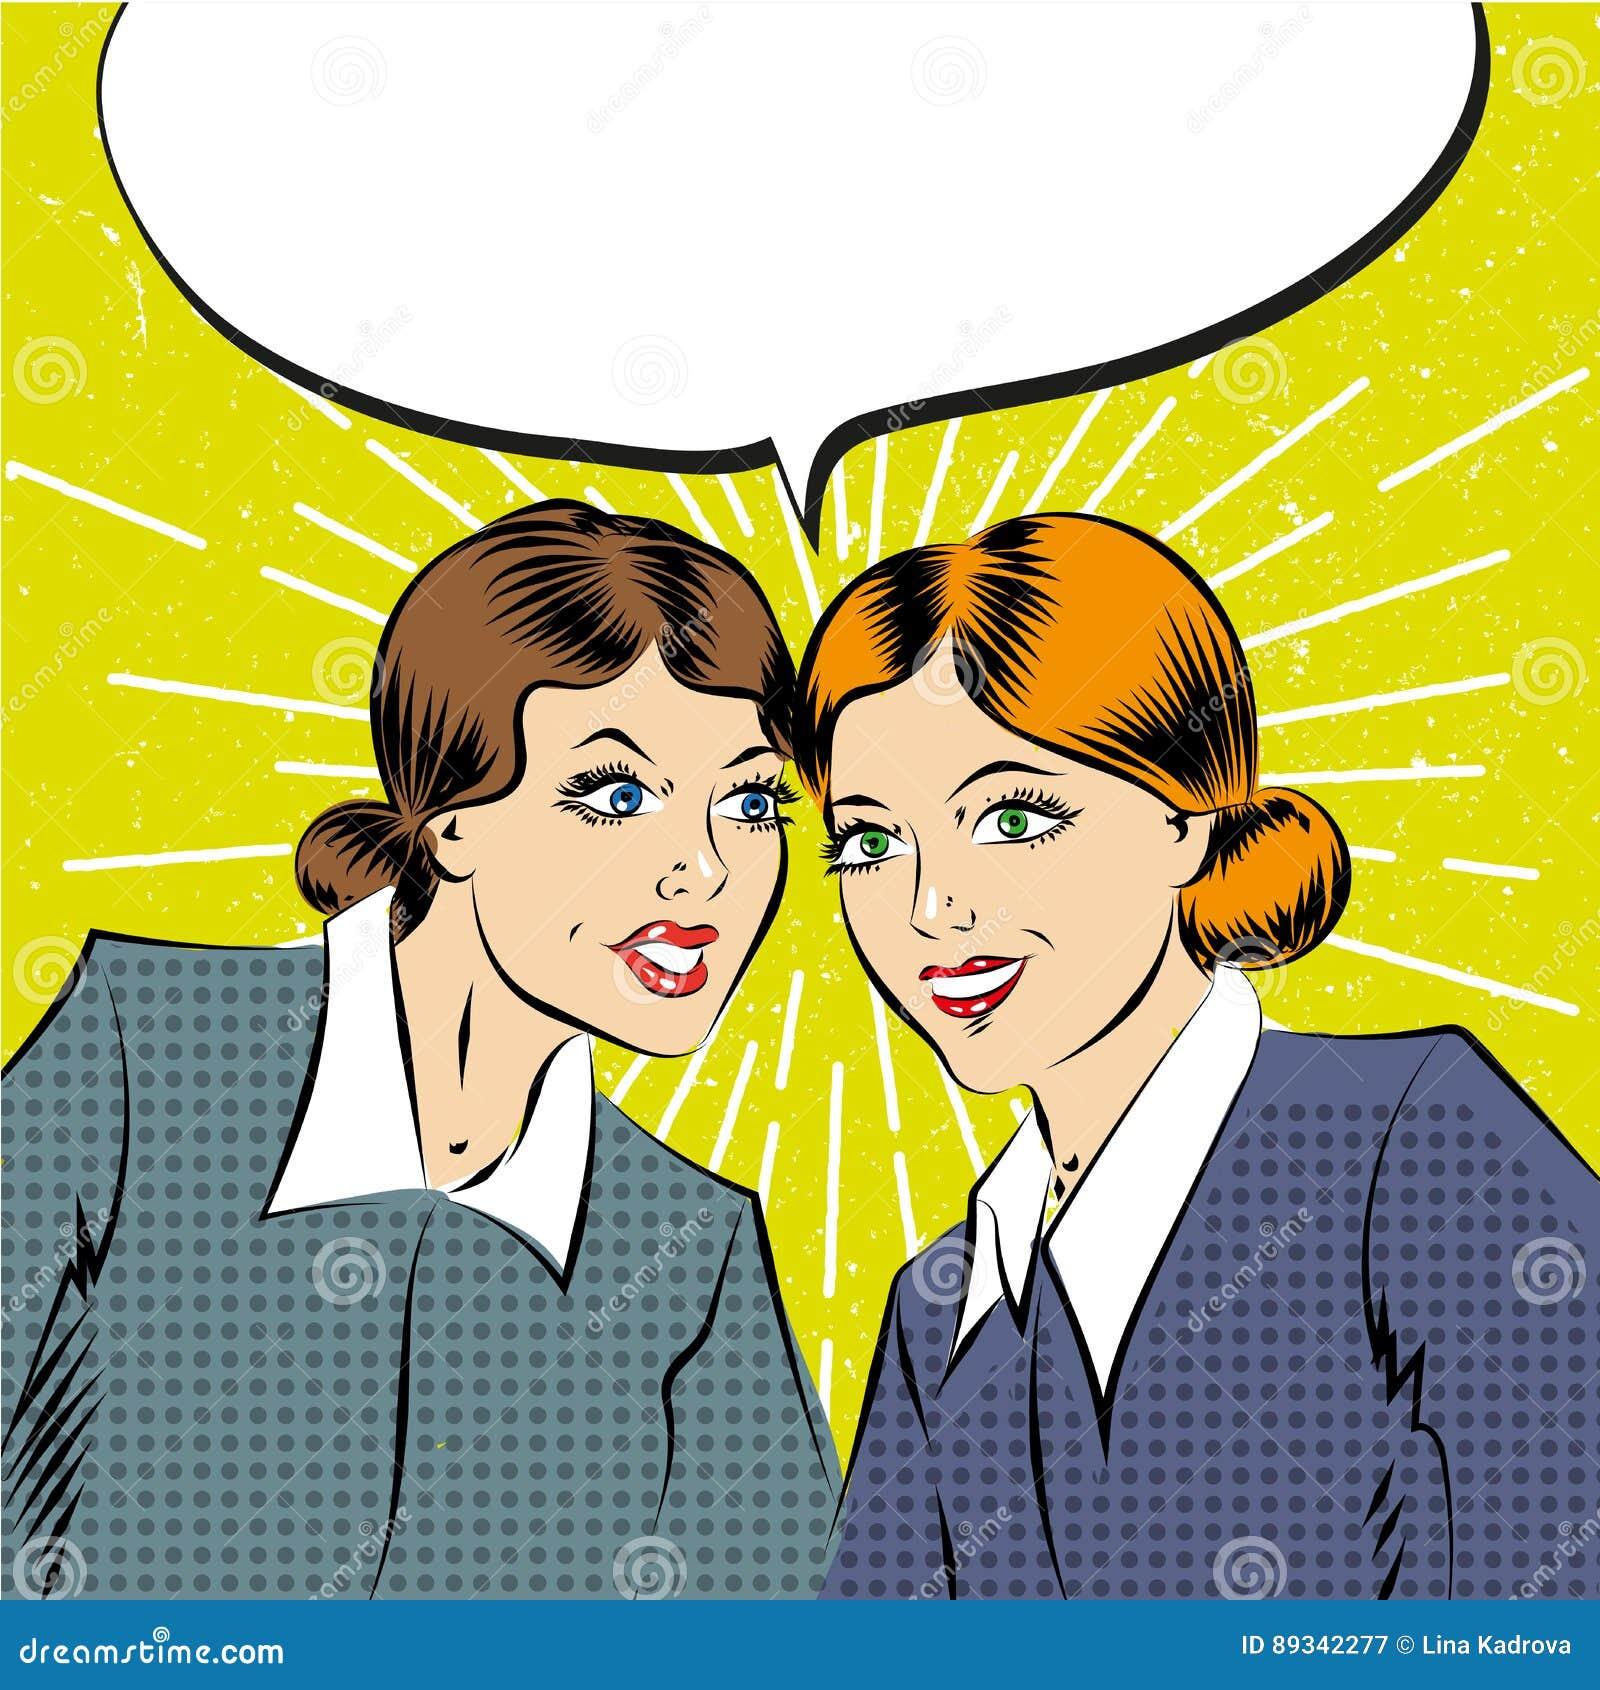 Cartoon pop art comic business women having a conversation